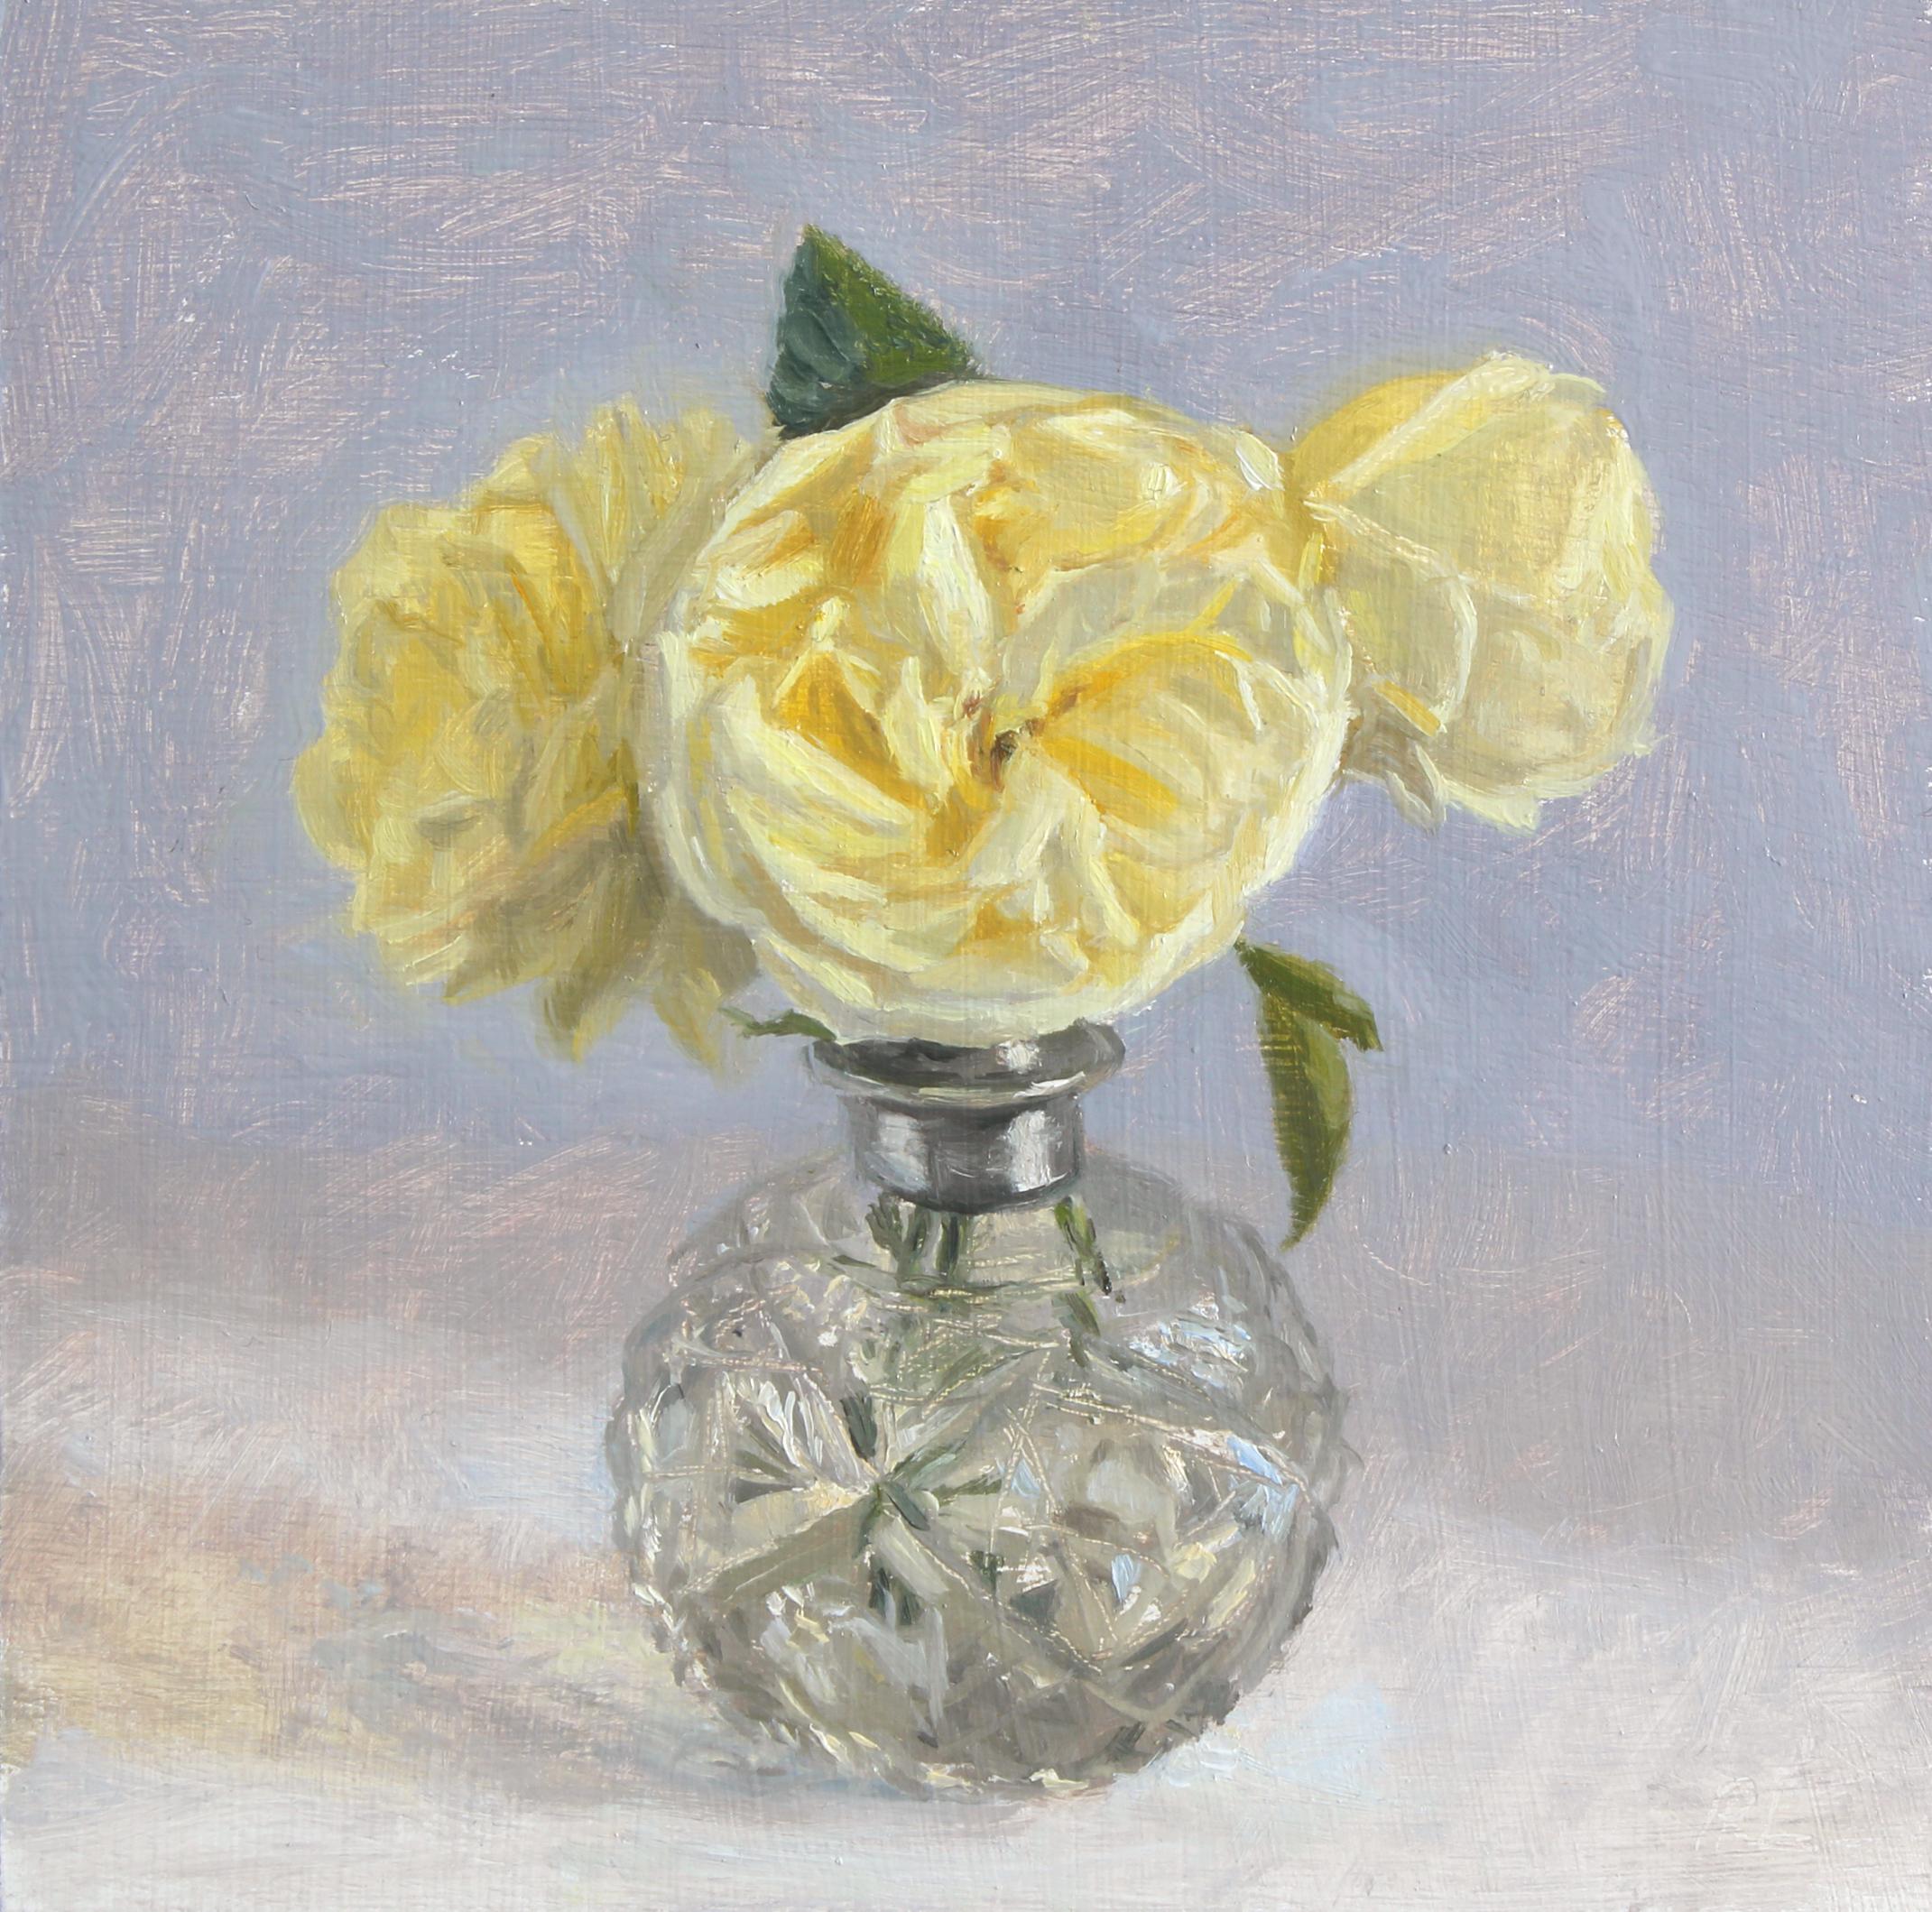 Cream Roses in a Cut Glass Bottle